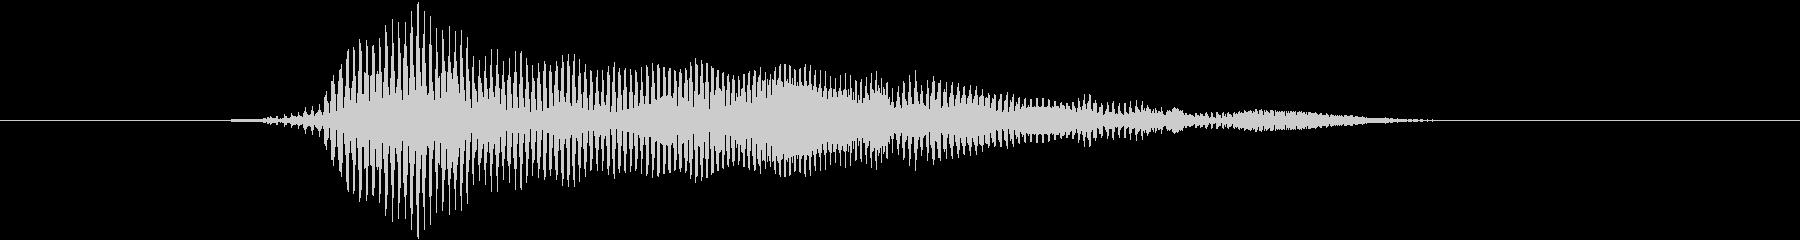 「猫の鳴き声004」にゃーおver3の未再生の波形